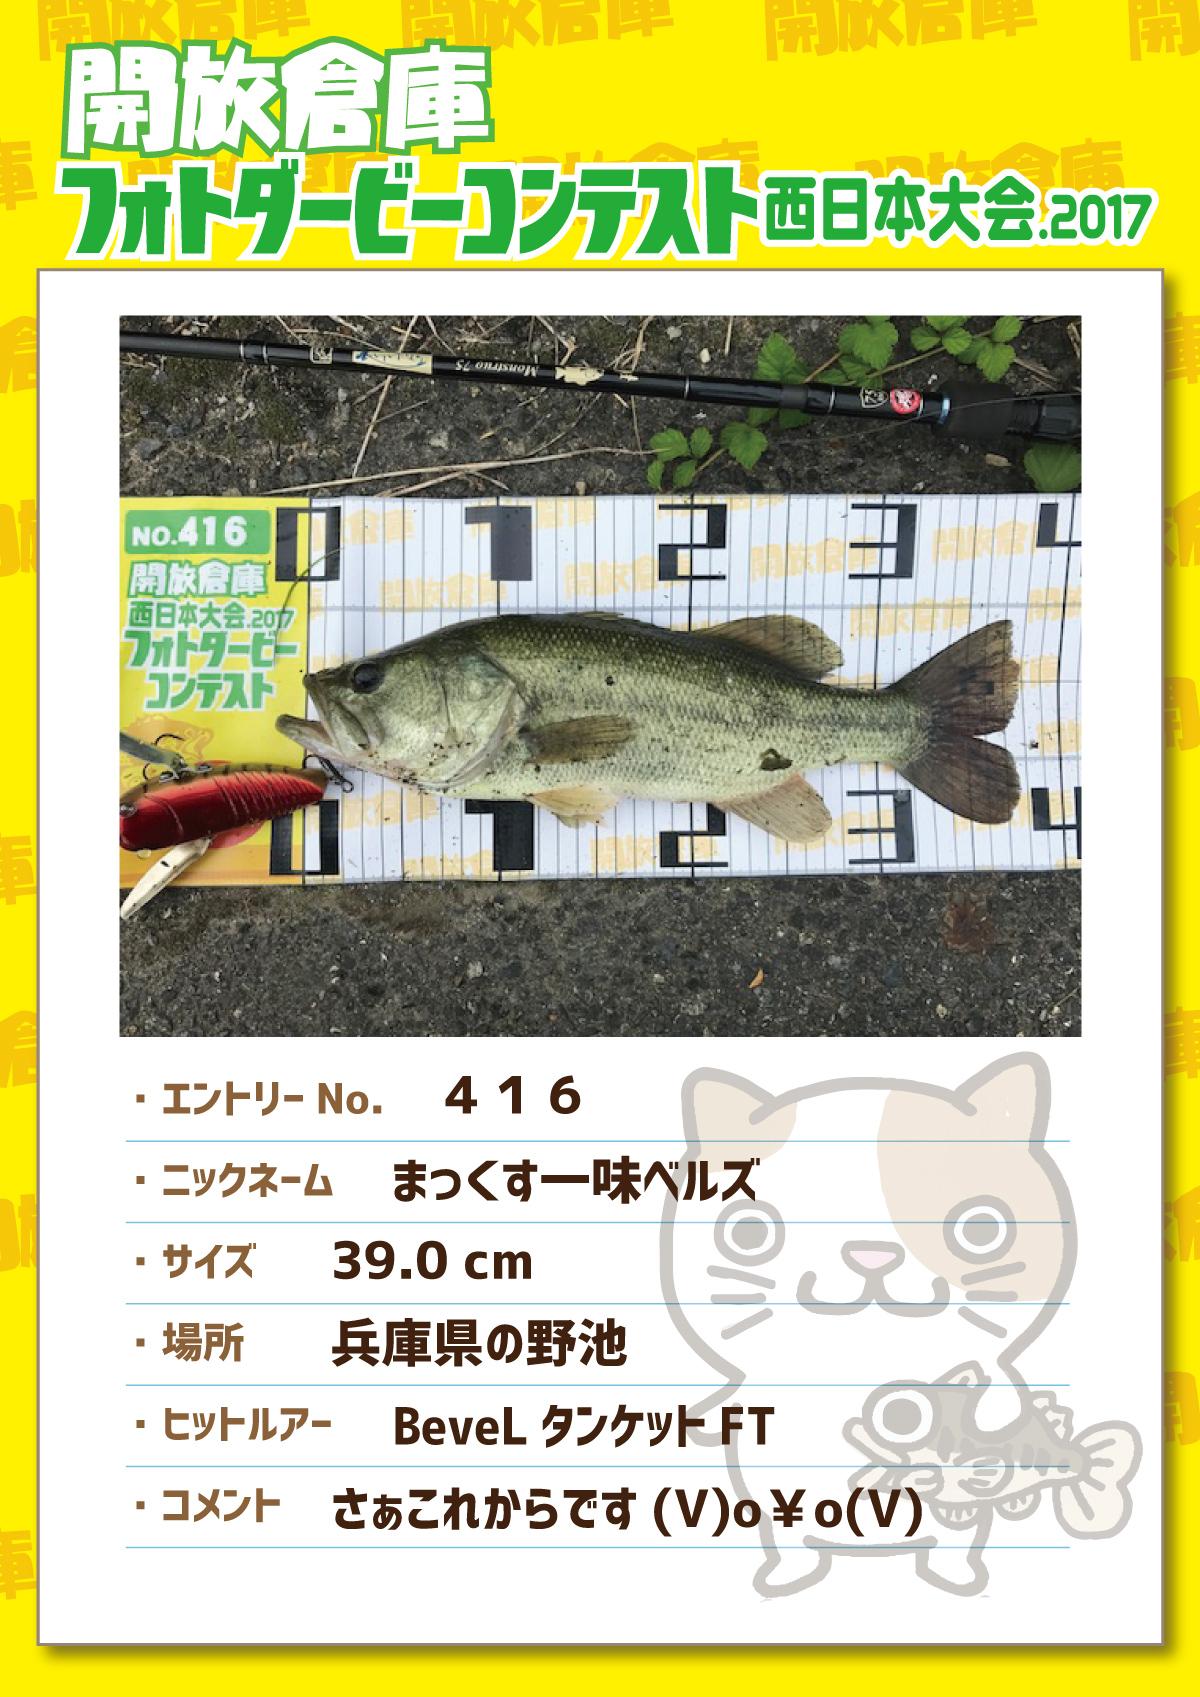 No.416 マックス一味ベルズ 39.0cm 兵庫県の野池 BeveLタンケットFT さぁこれからです